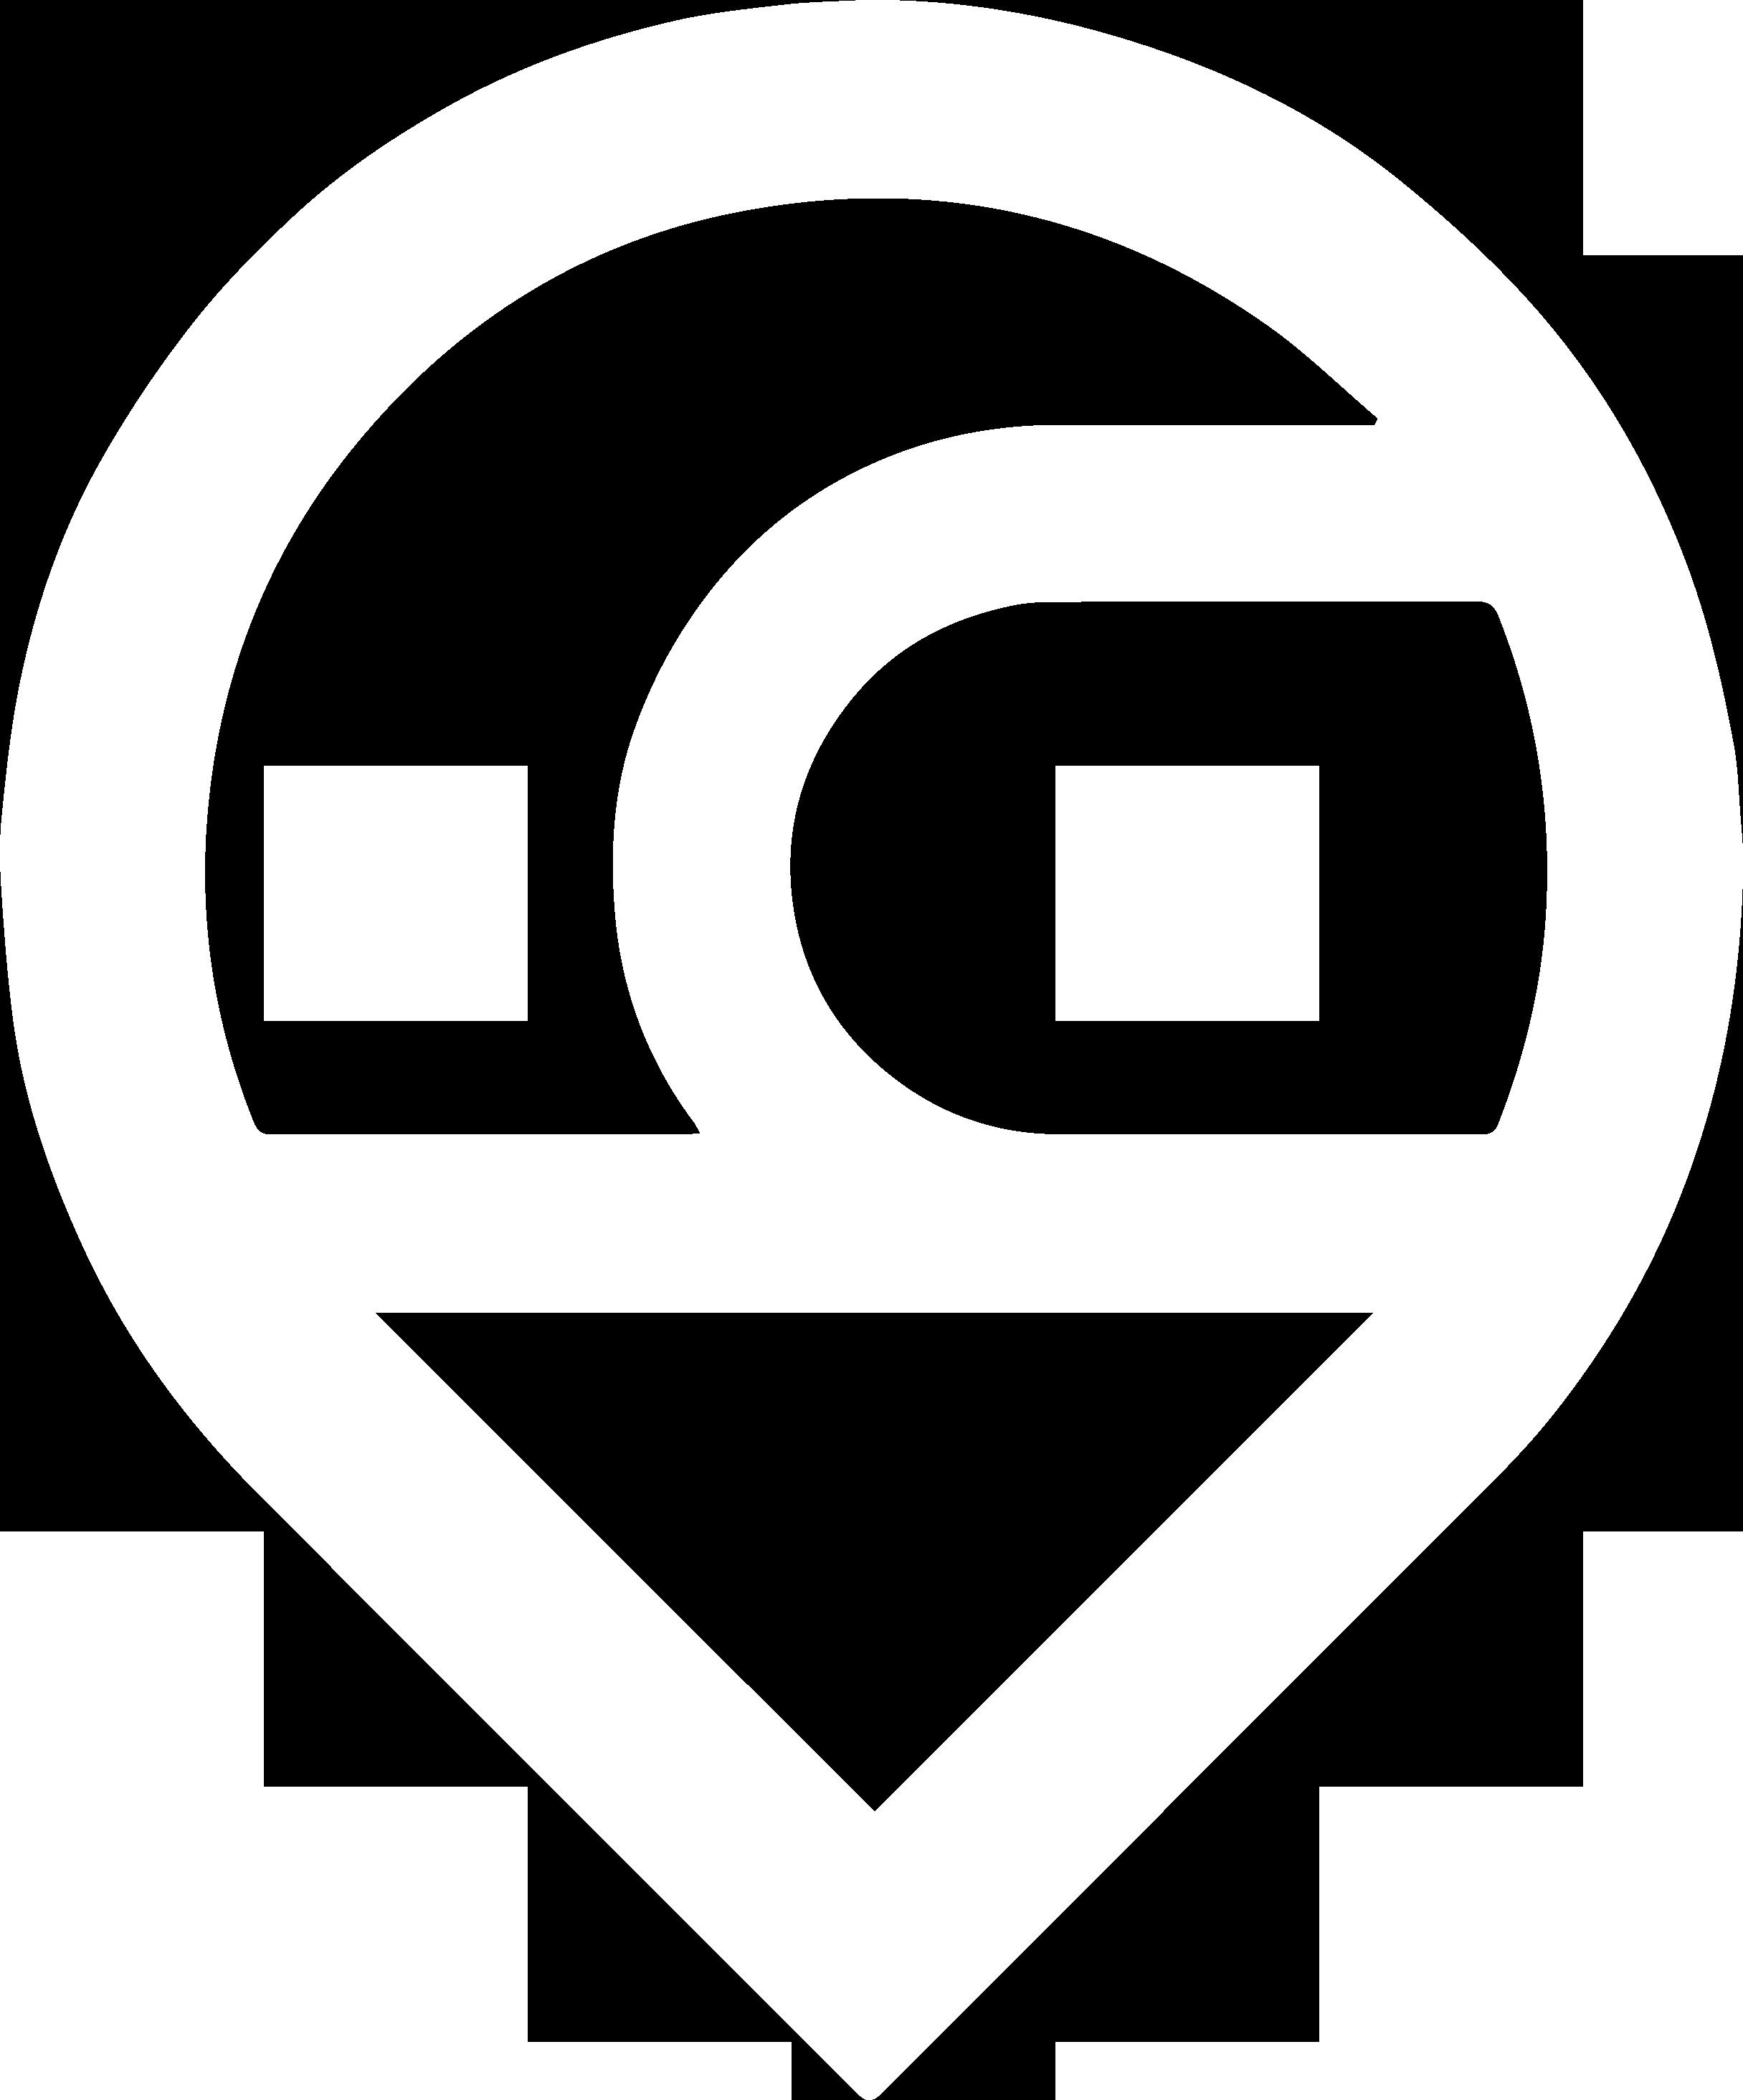 Hera Agency